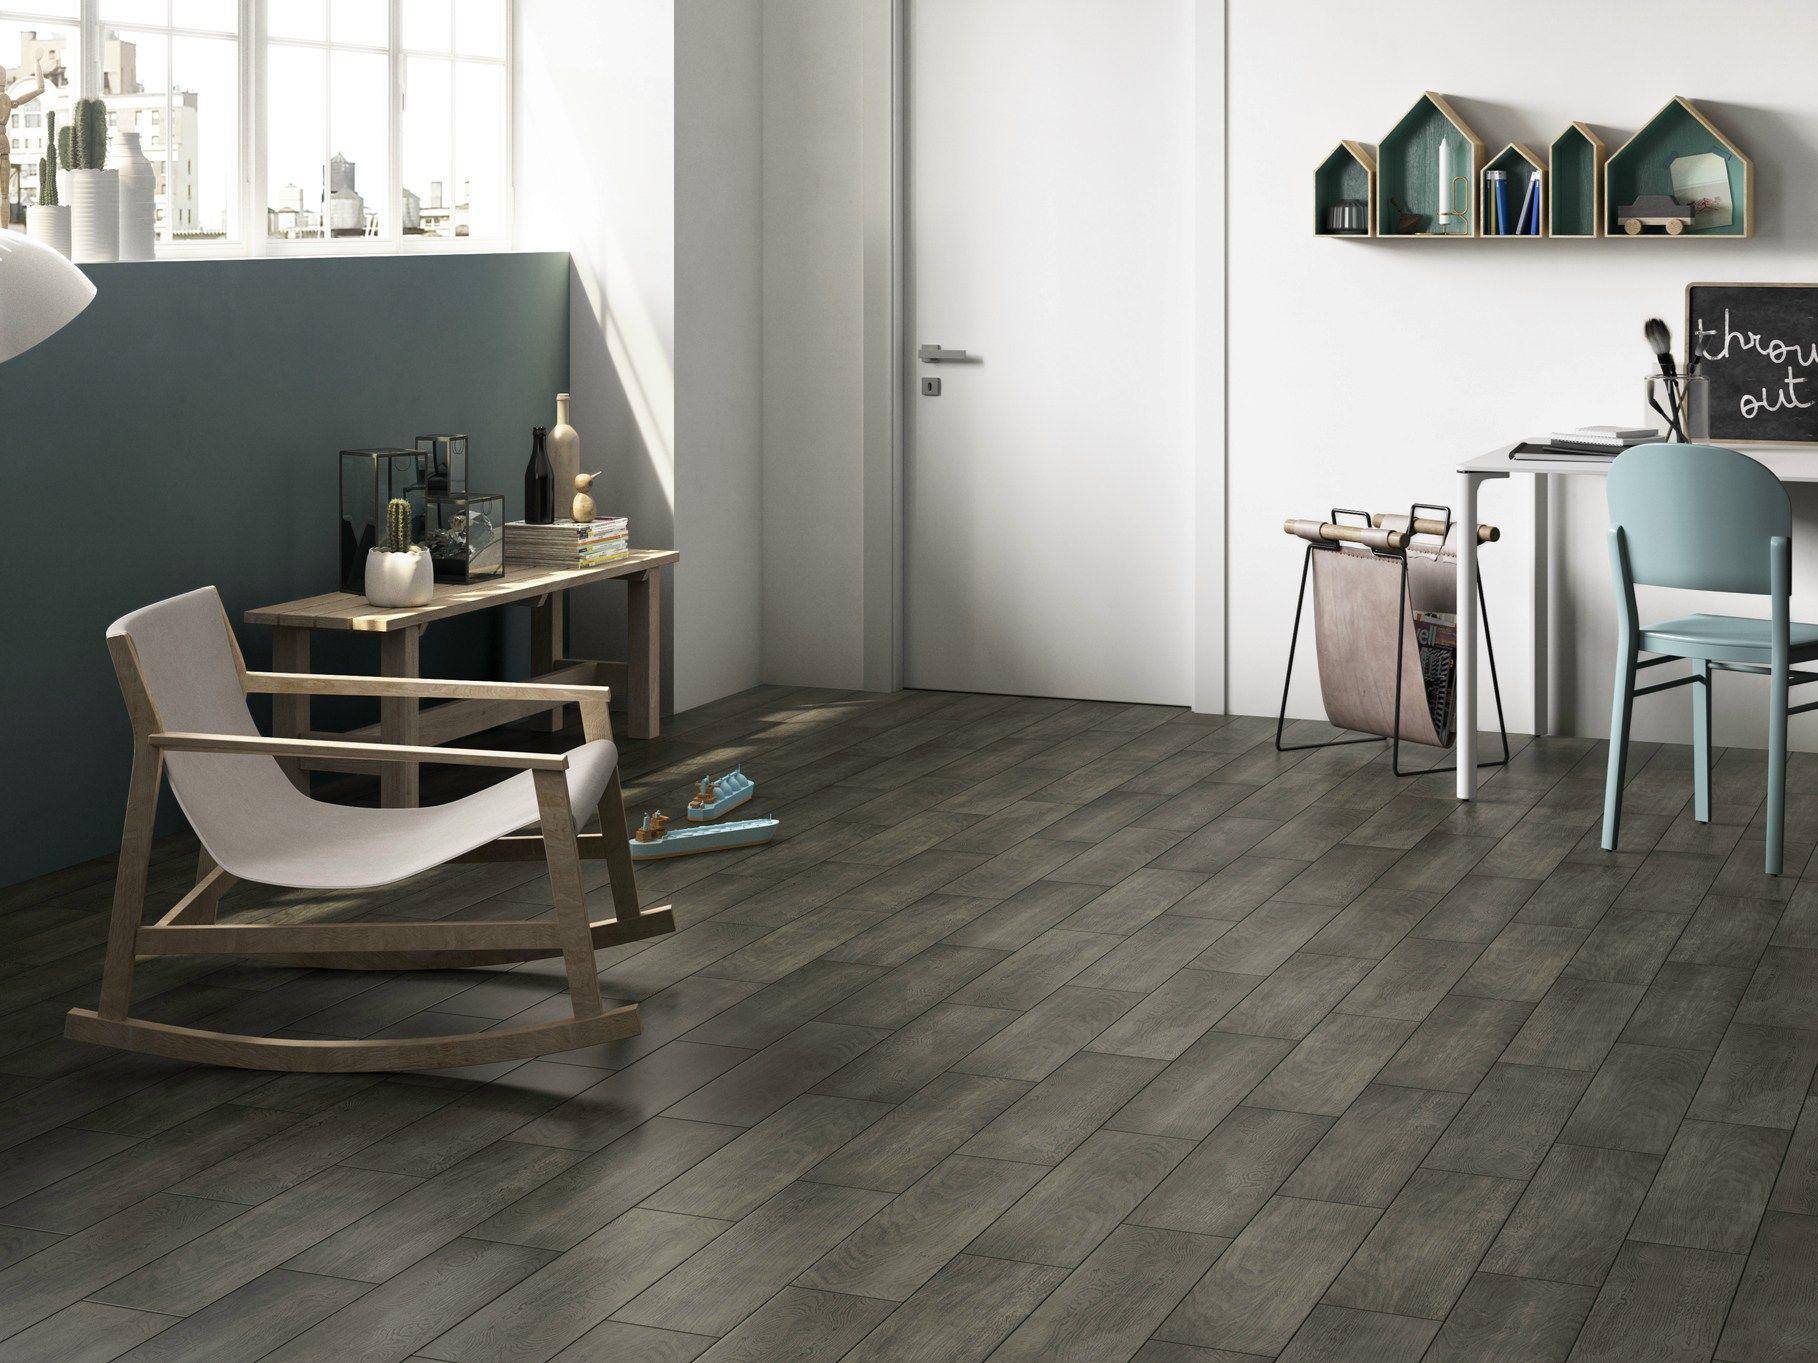 Pavimento in gres porcellanato smaltato effetto legno - Piastrelle faenza ...